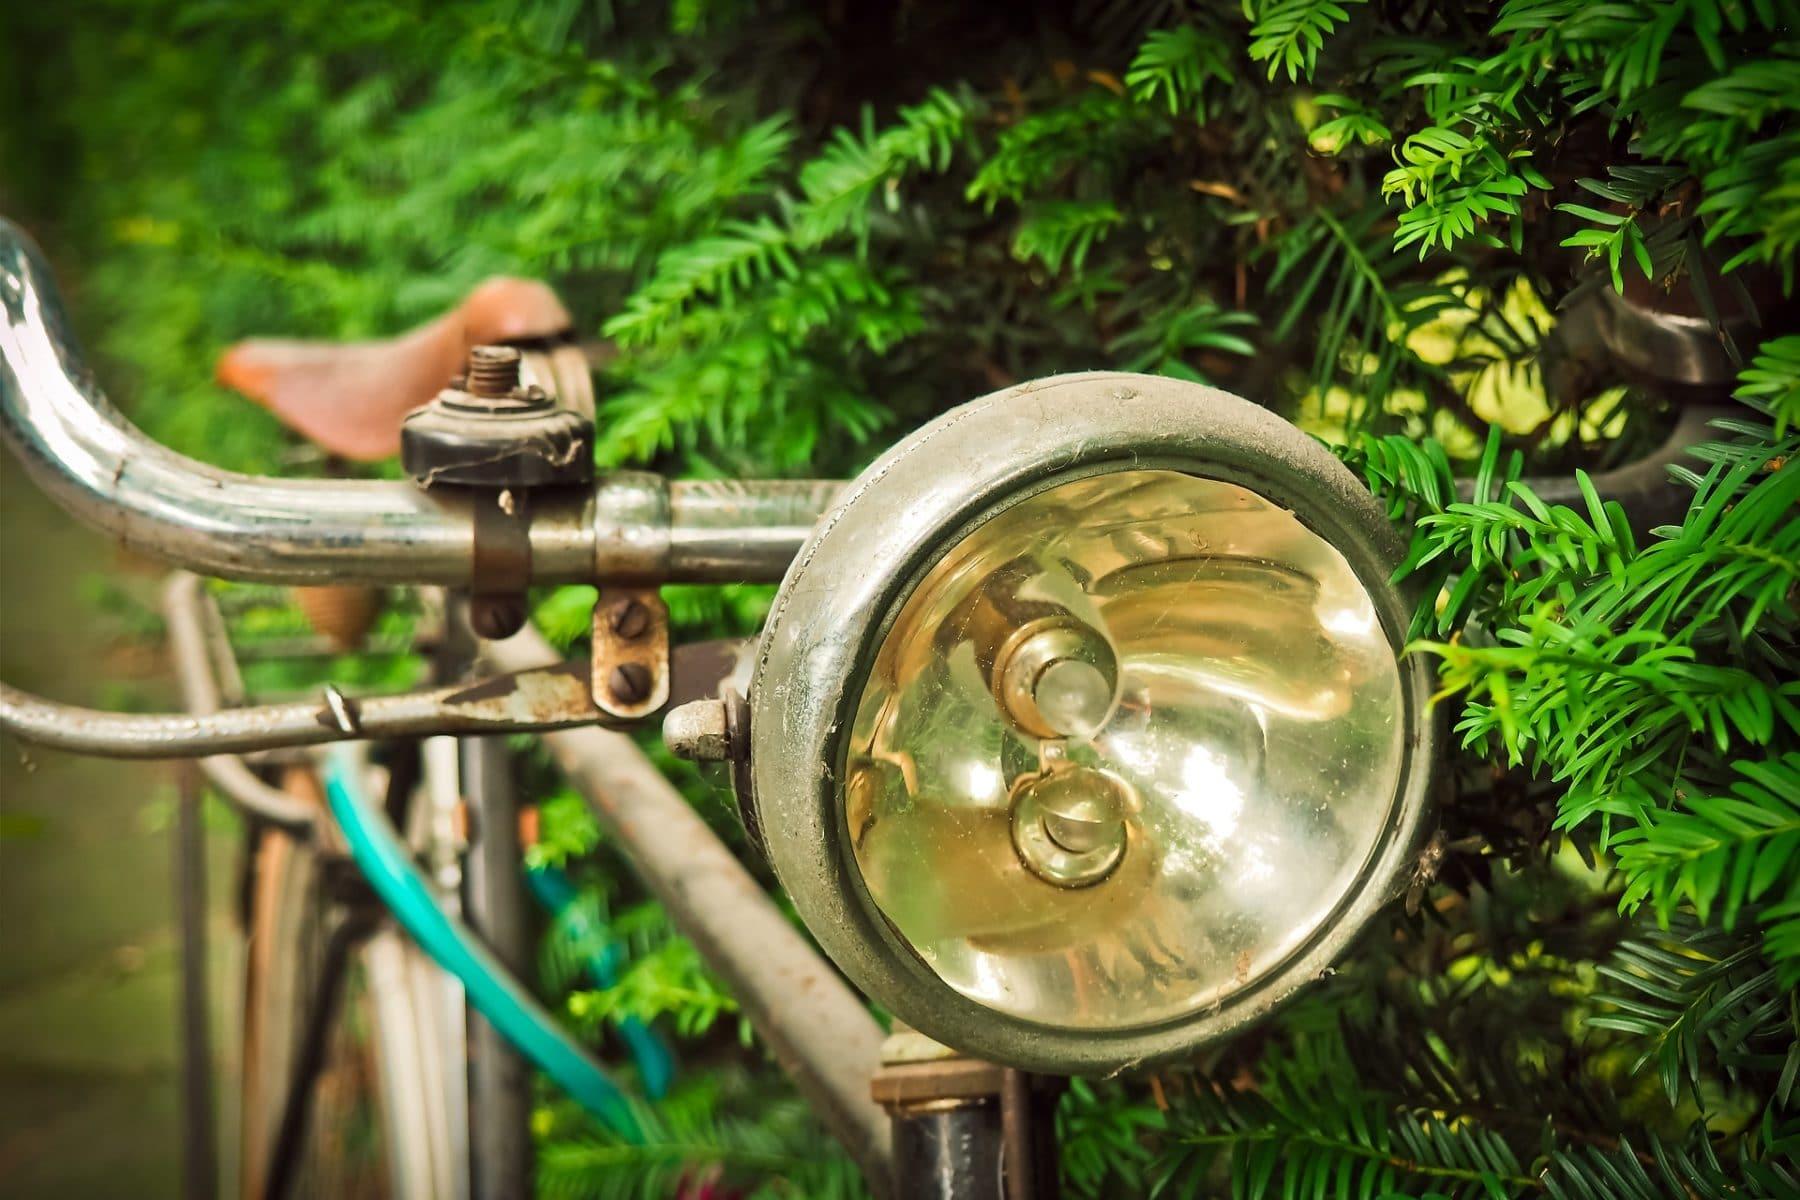 fahrradbeleuchtung kaufen die 10 besten fahrradlampen. Black Bedroom Furniture Sets. Home Design Ideas